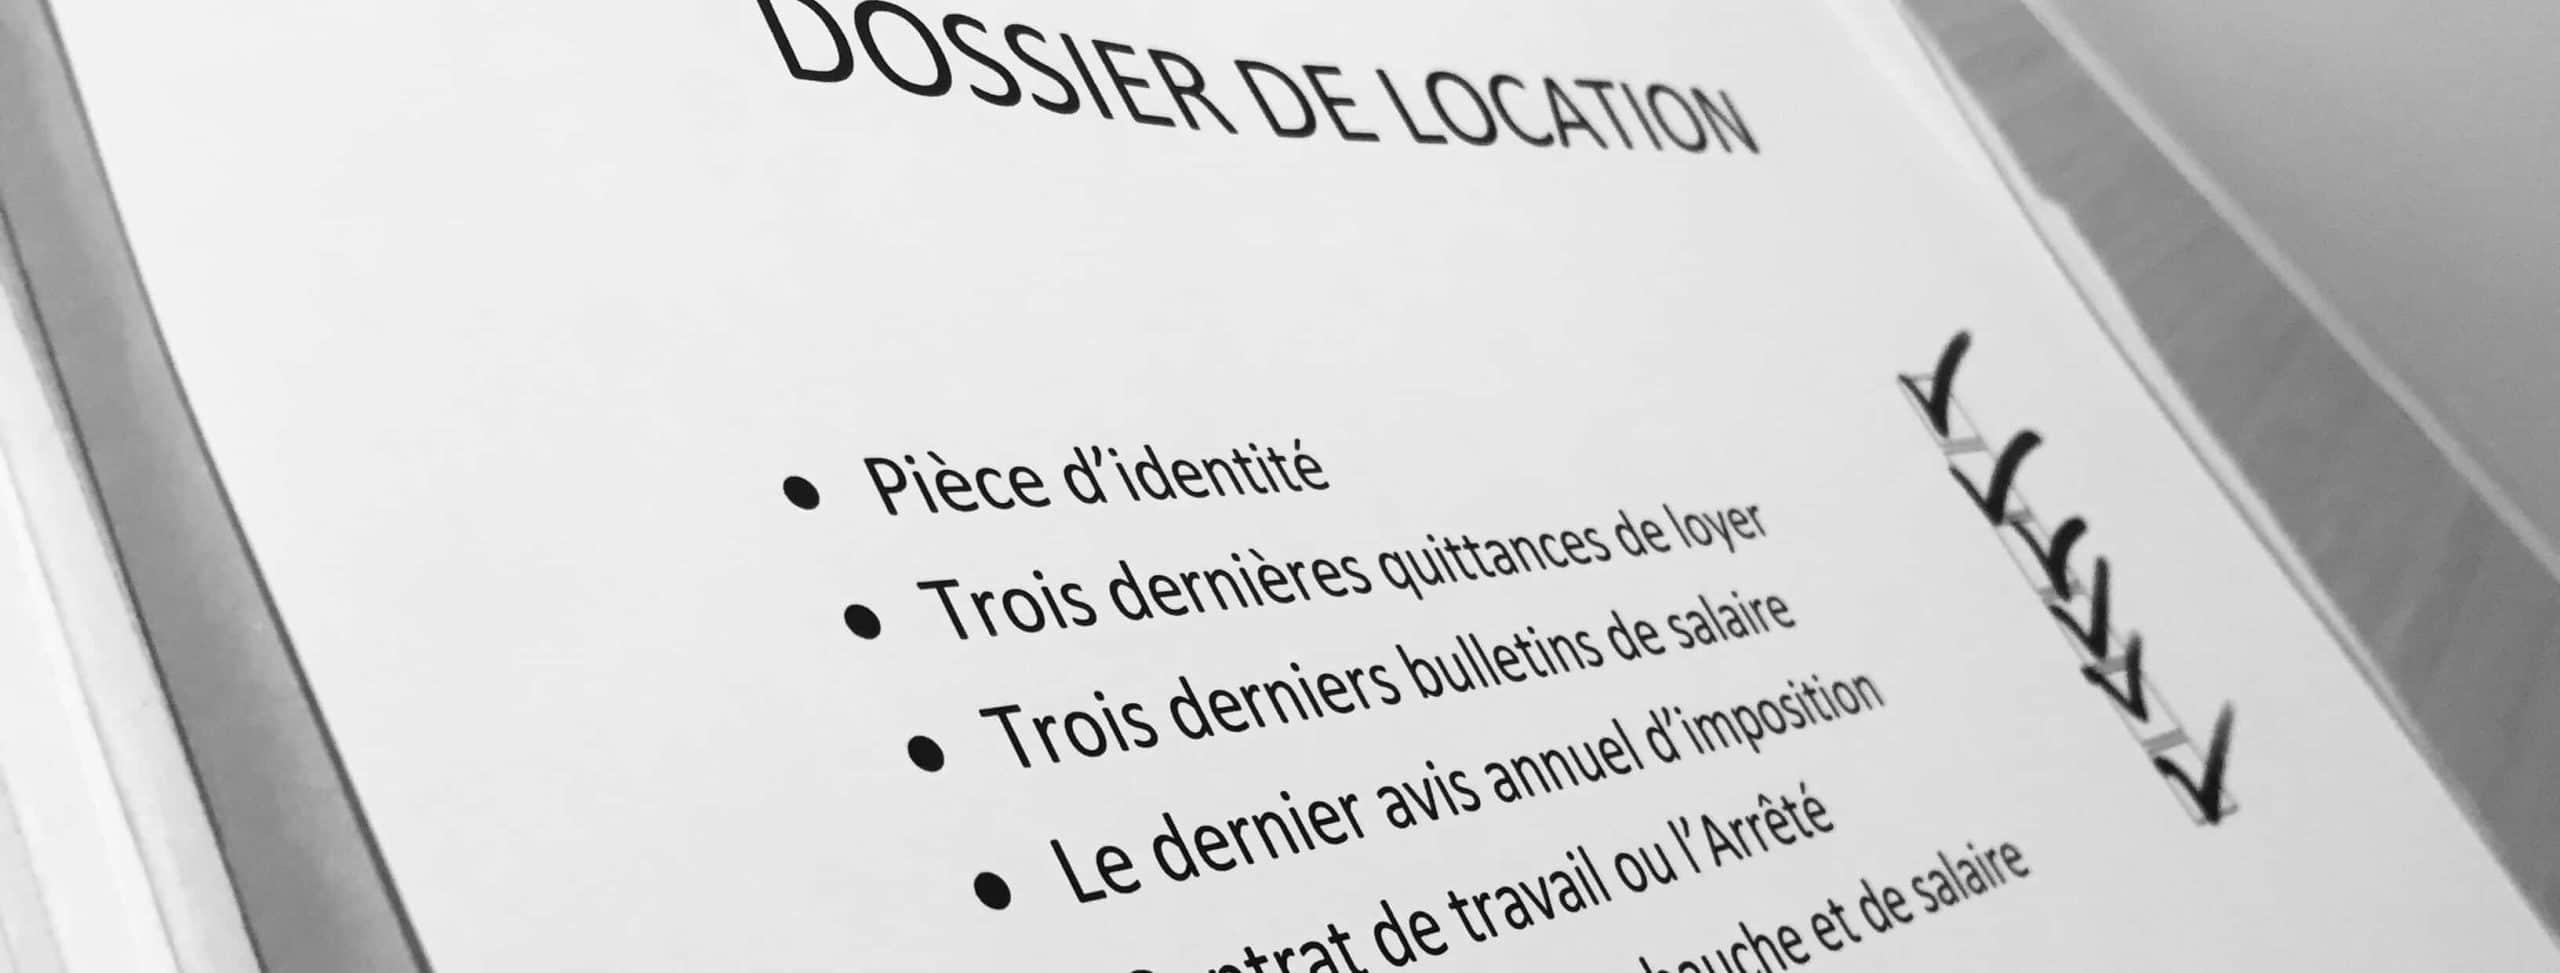 Check-list du dossier de location